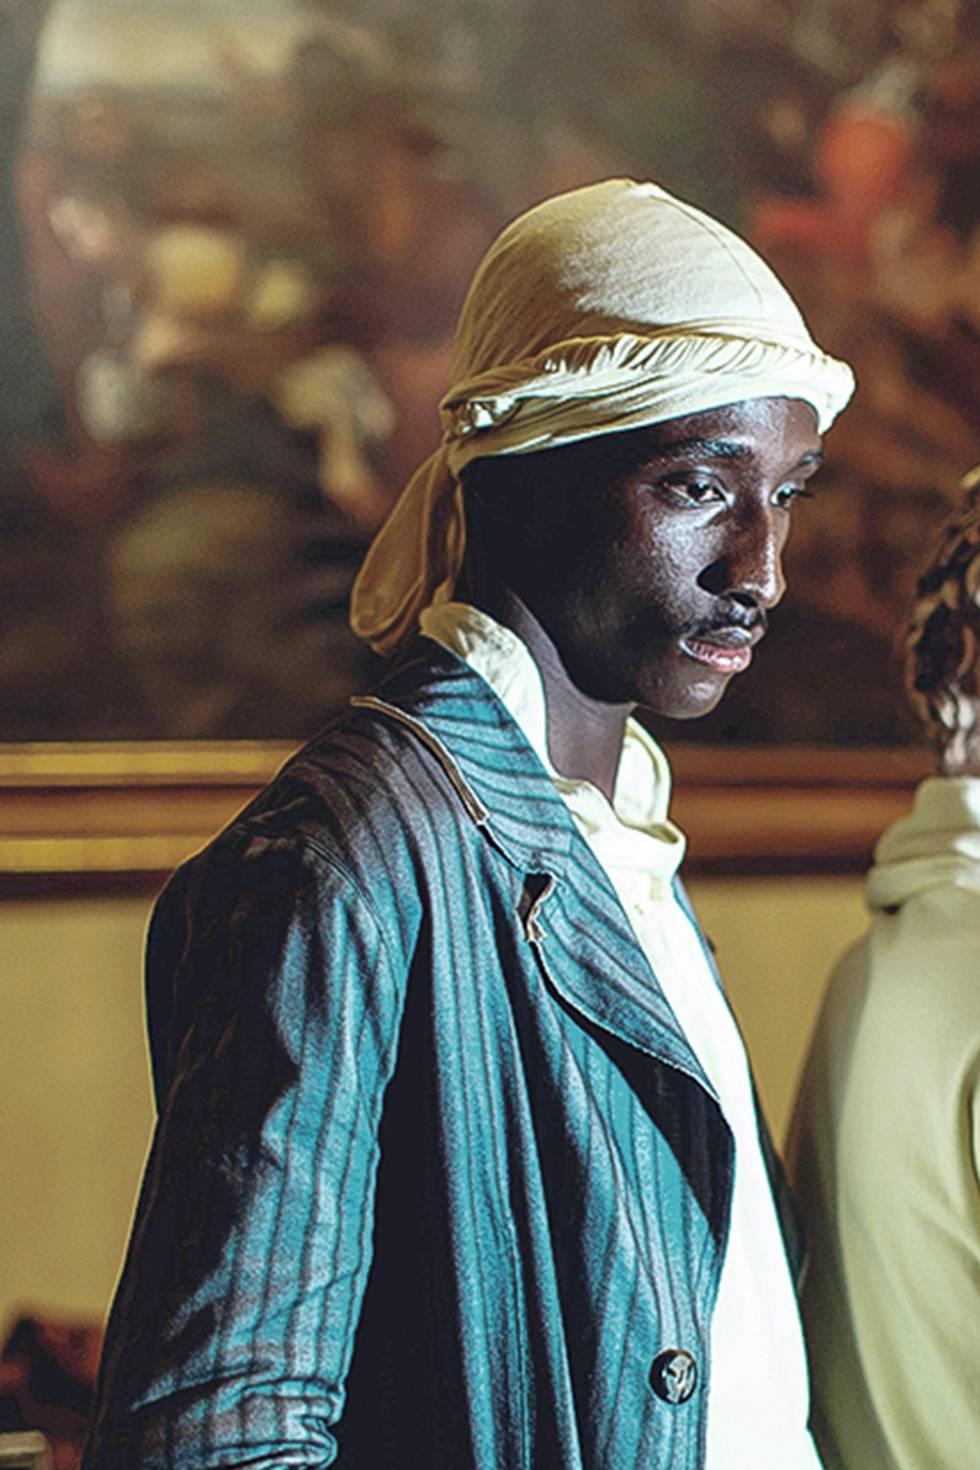 Retrato de uno de los modelos del desfile de Telfar, celebrado en el palacio Corsini (Florencia).